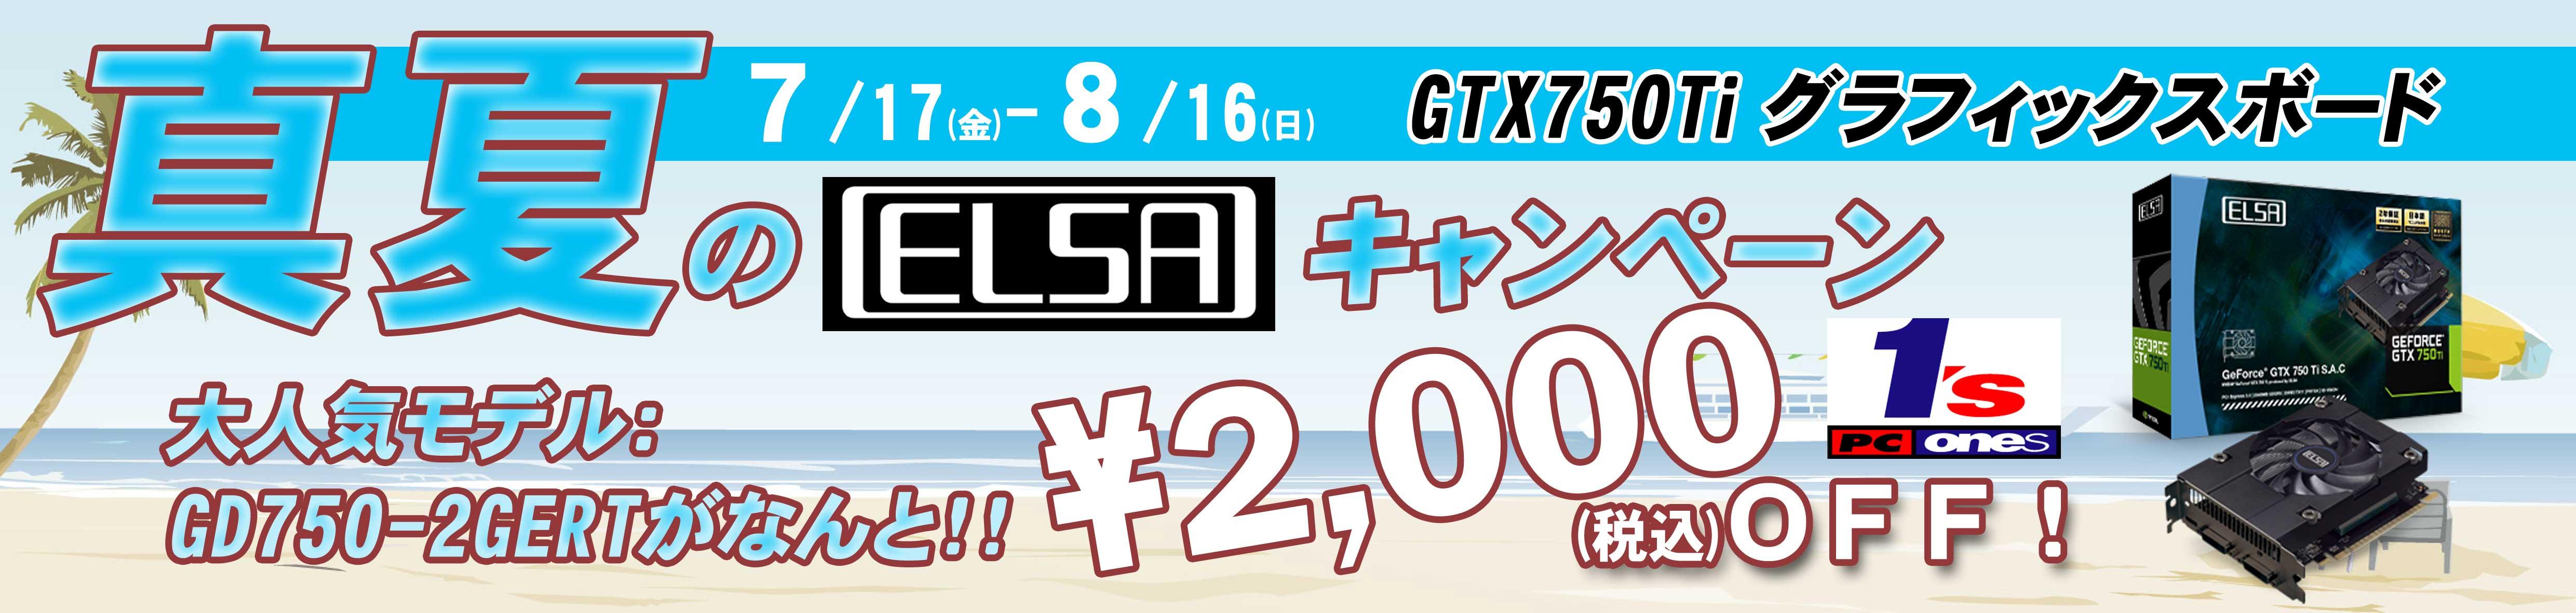 20150717elsa